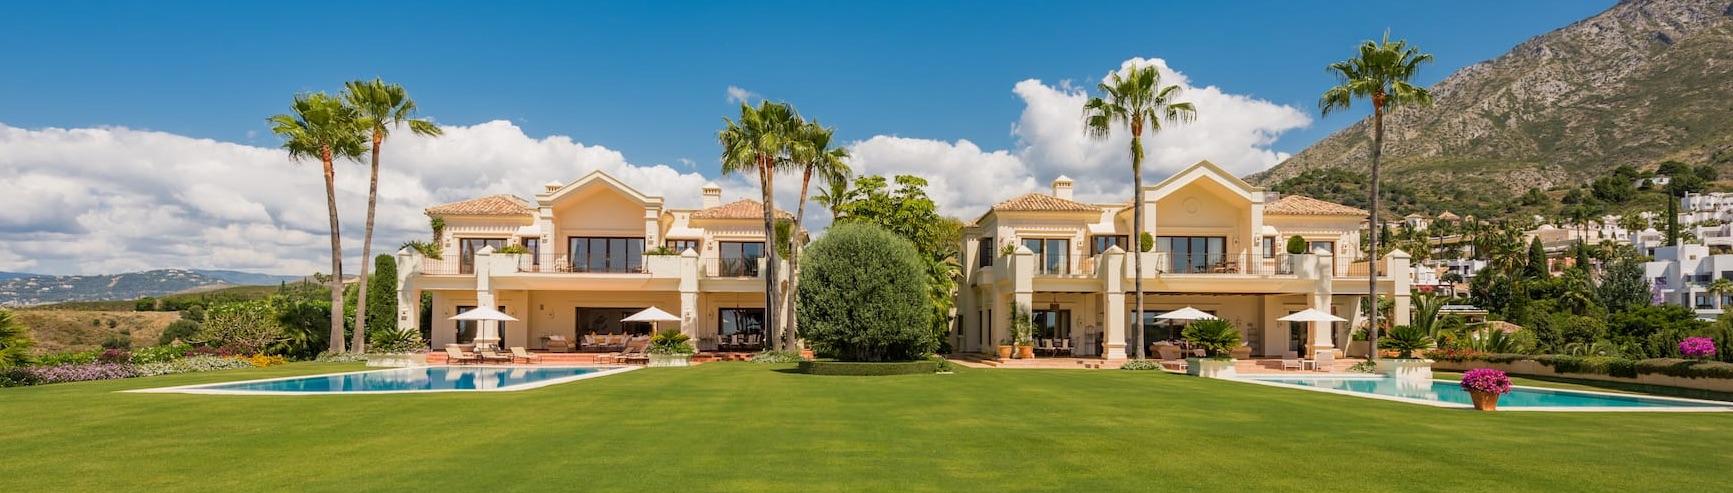 Villas en Marbella Hill Club, Milla de Oro